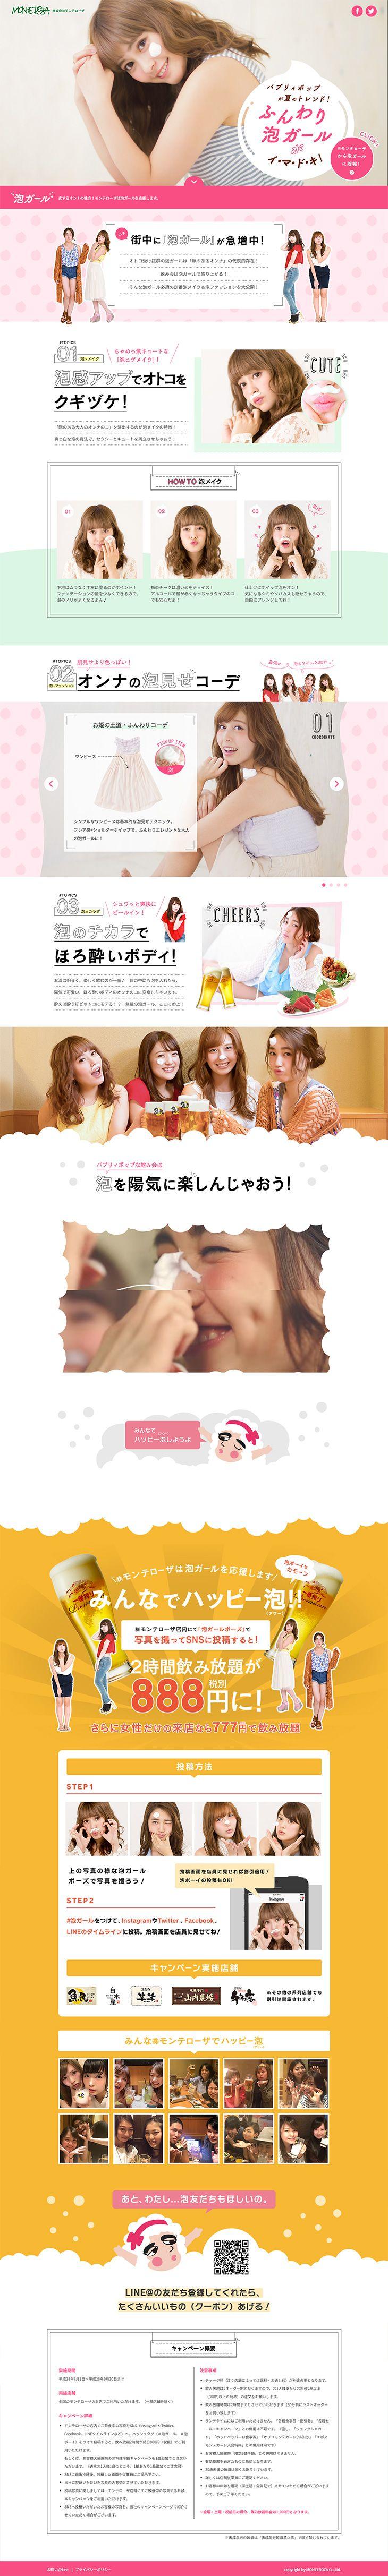 ランディングページ LP 泡ガールキャンペーン スキンケア・美容商品 自社サイト